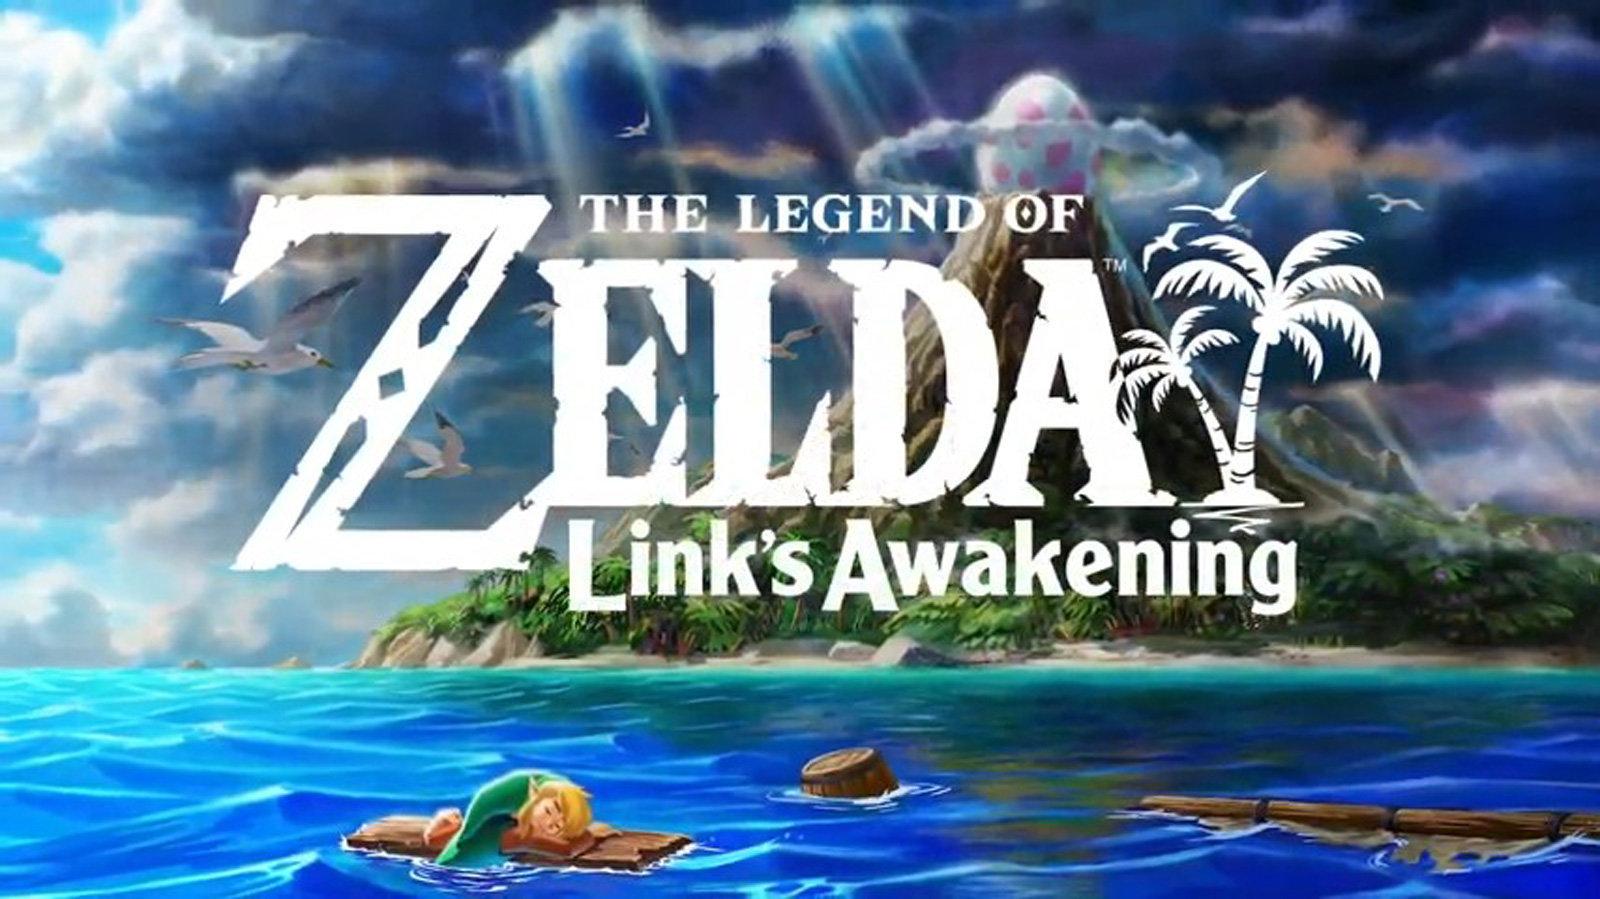 The Legend of Zelda : Link's Awakening arriva su Nintendo Switch